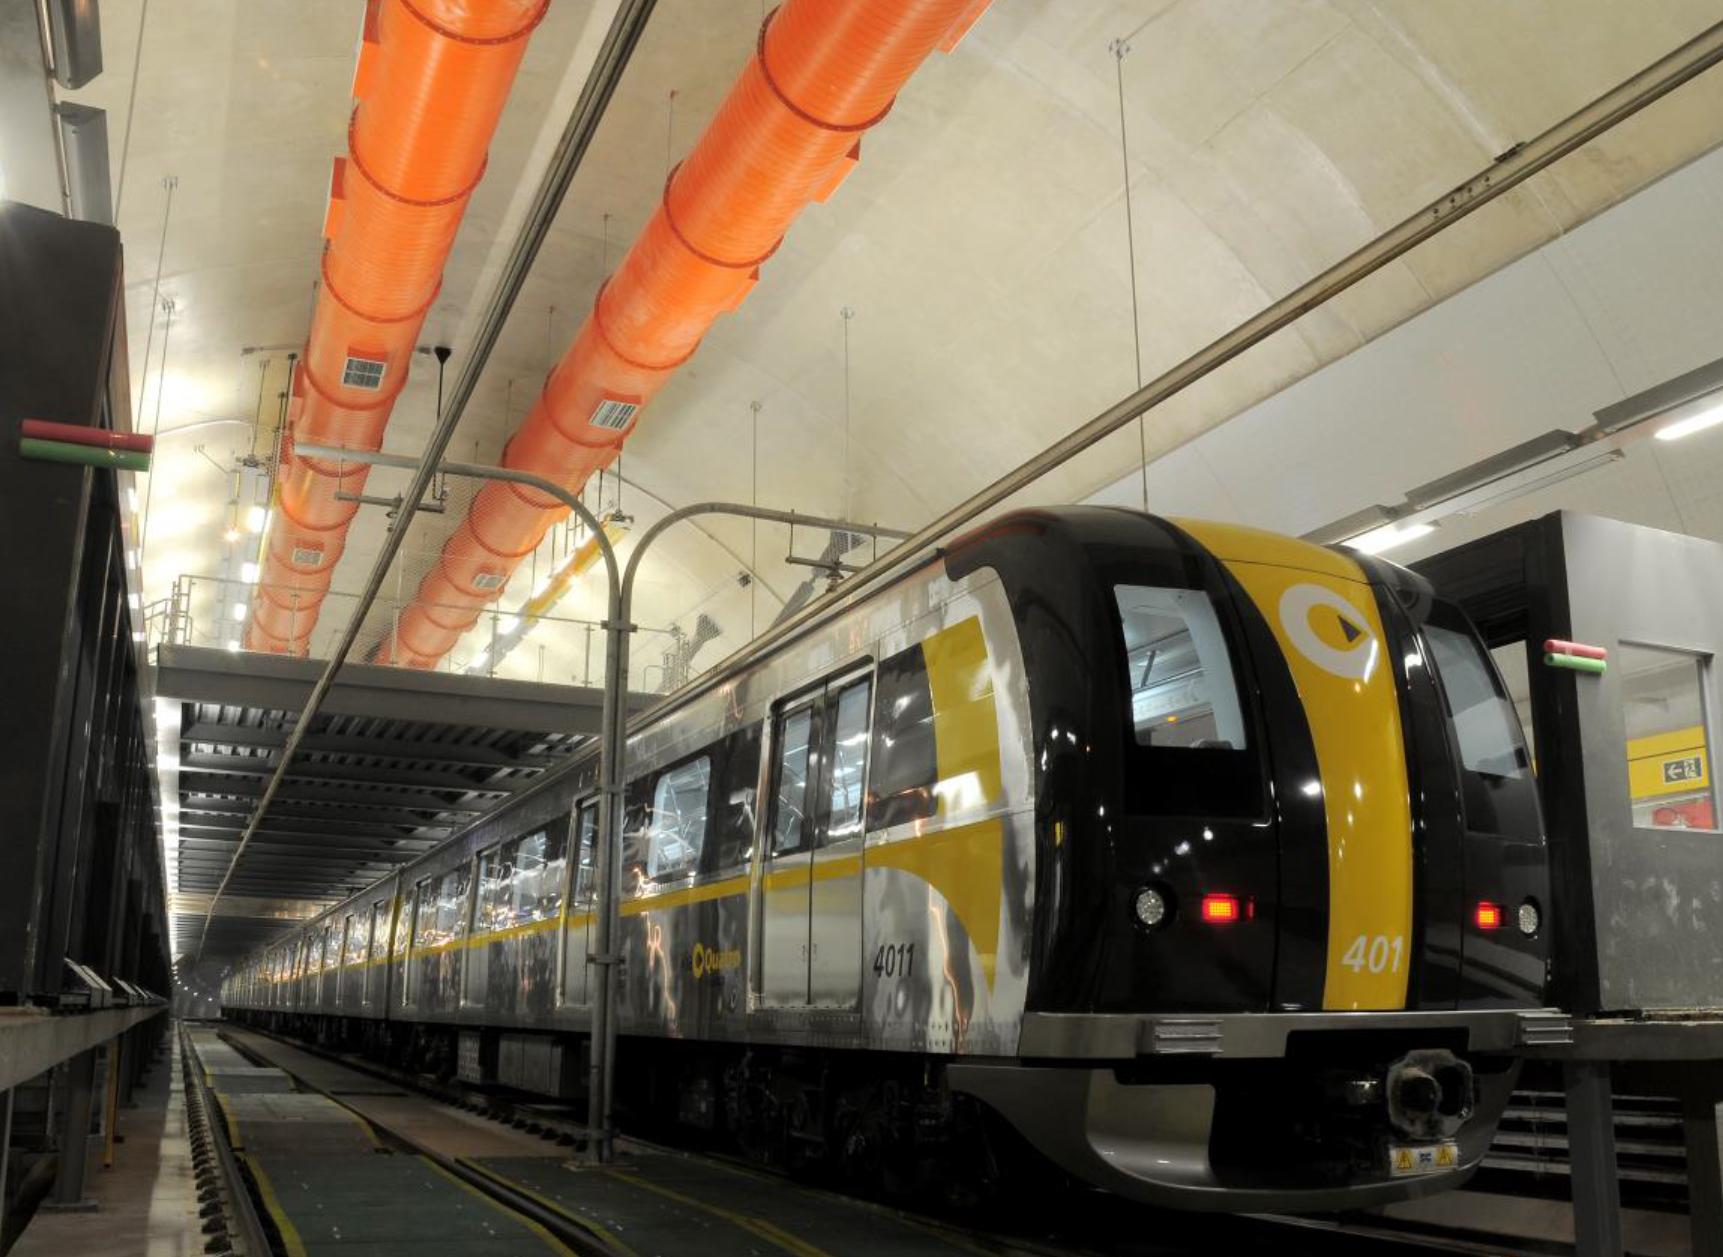 Trem da Linha 4-Amarela | Digna Imagem/Clóvis Ferreira